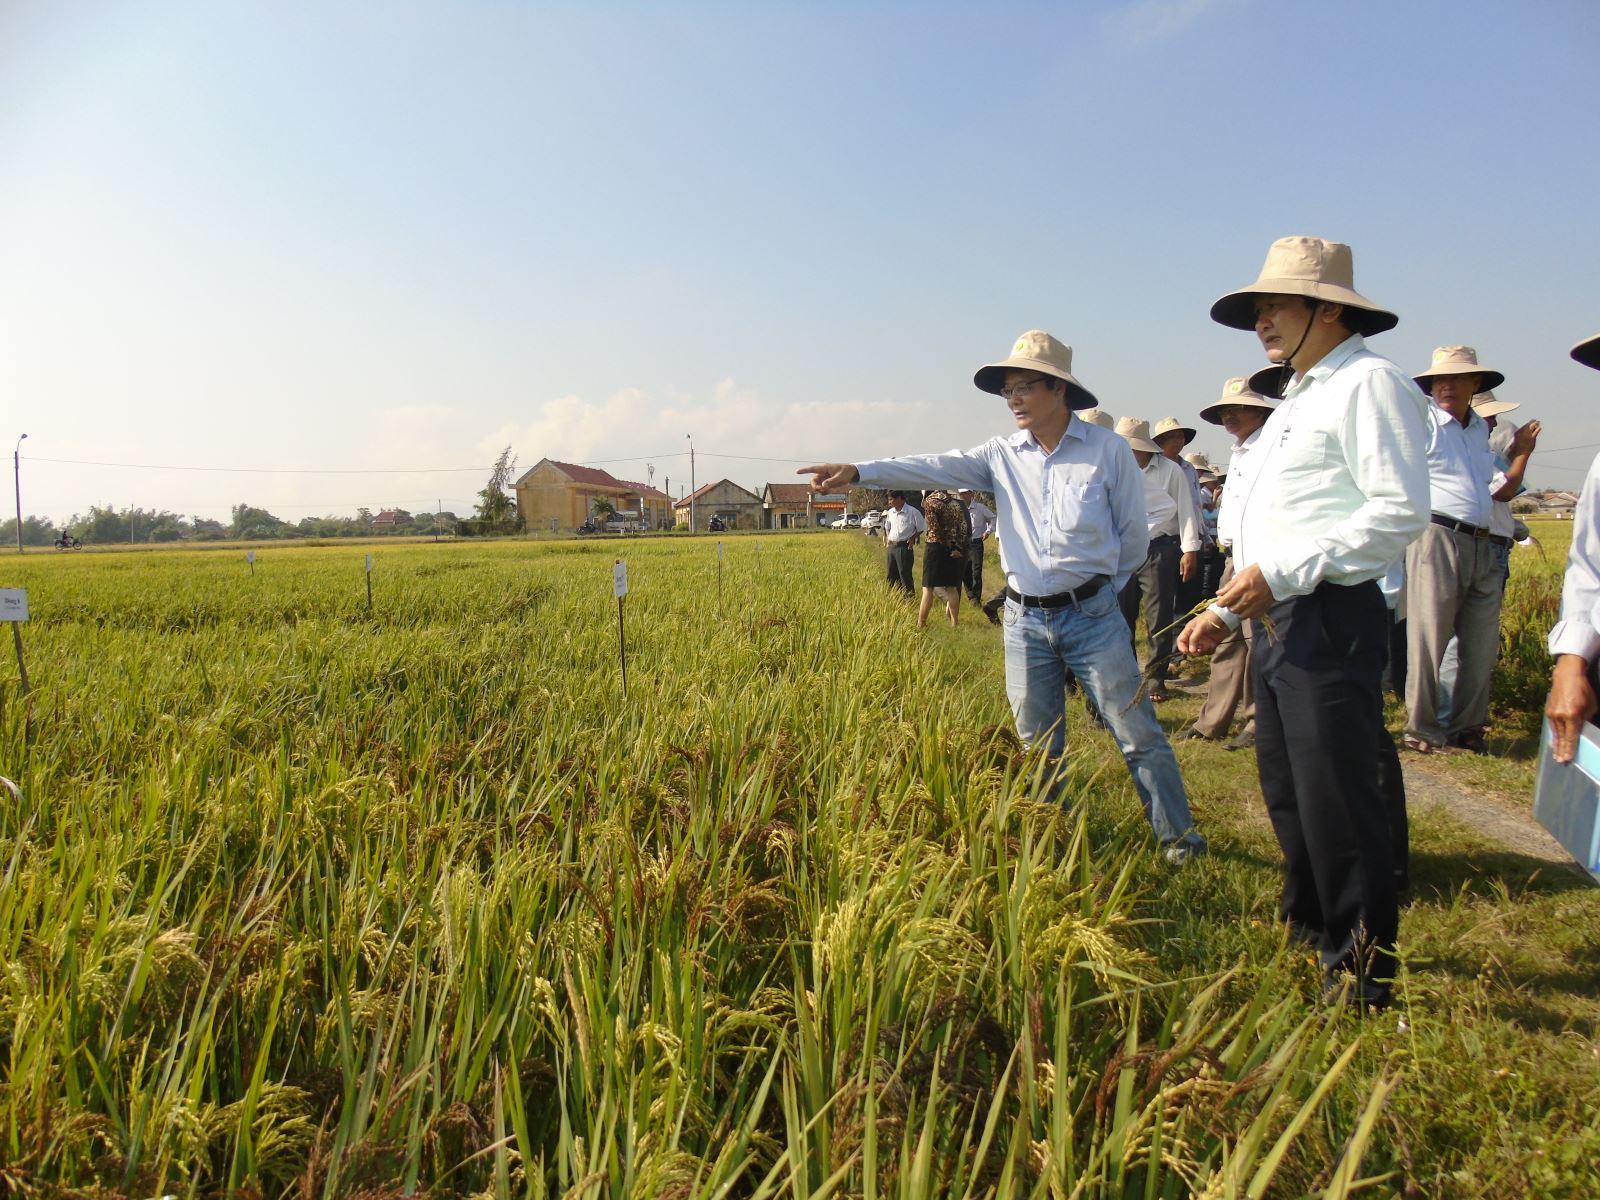 Nhờ áp dụng tiến bộ khoa học, năng xuất lúa của huyện Tây Hòa đạt 80 tạ/ha, góp phần tăng thu nhập cho người dân